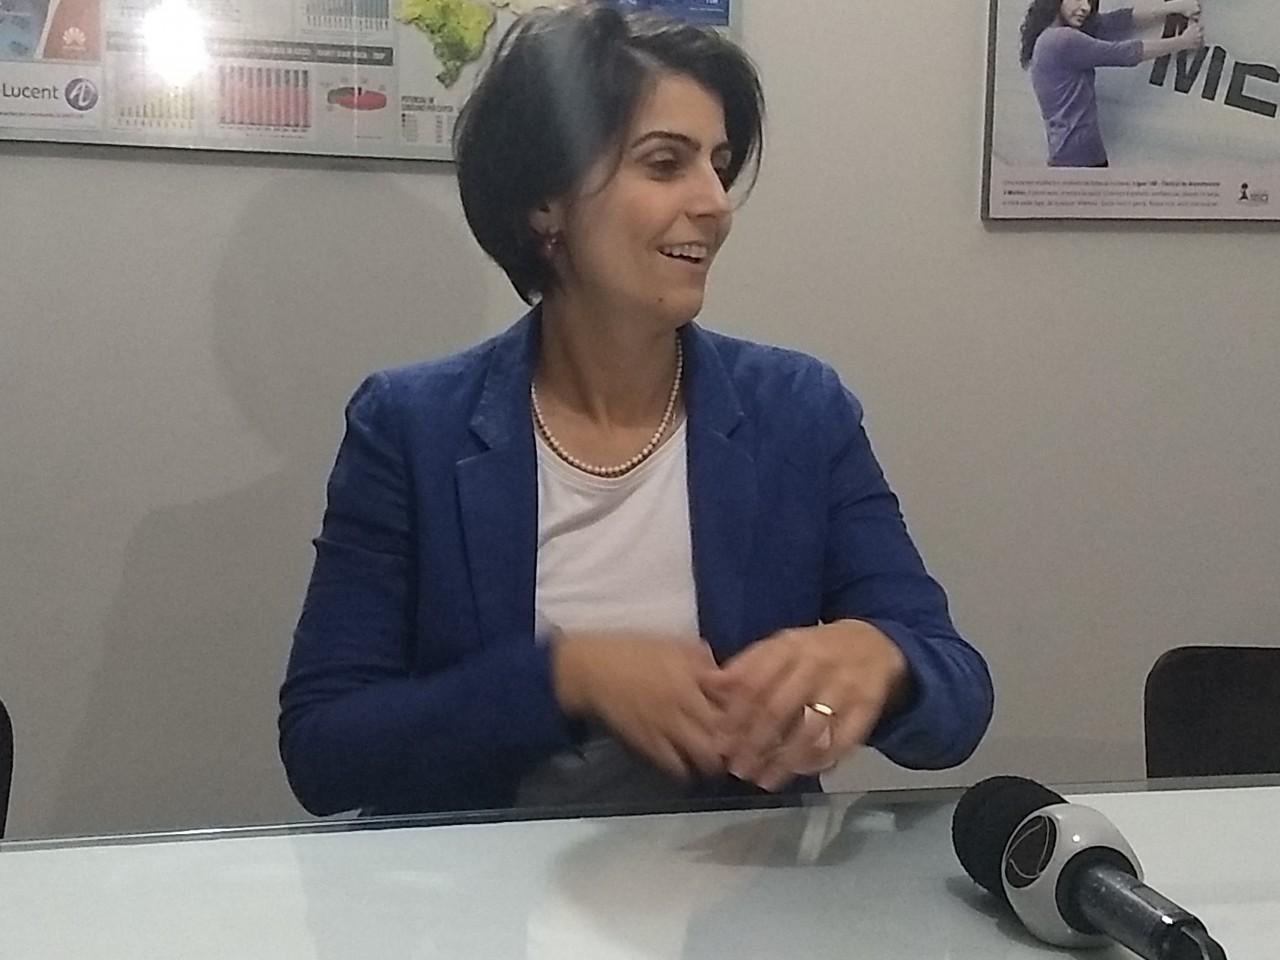 IMG 20180724 191502761 BURST000 COVER TOP - QUEREMOS A UNIAO DA ESQUERDA: Manuela D'Ávila admite abrir mão de candidatura se for melhor para a conjuntura